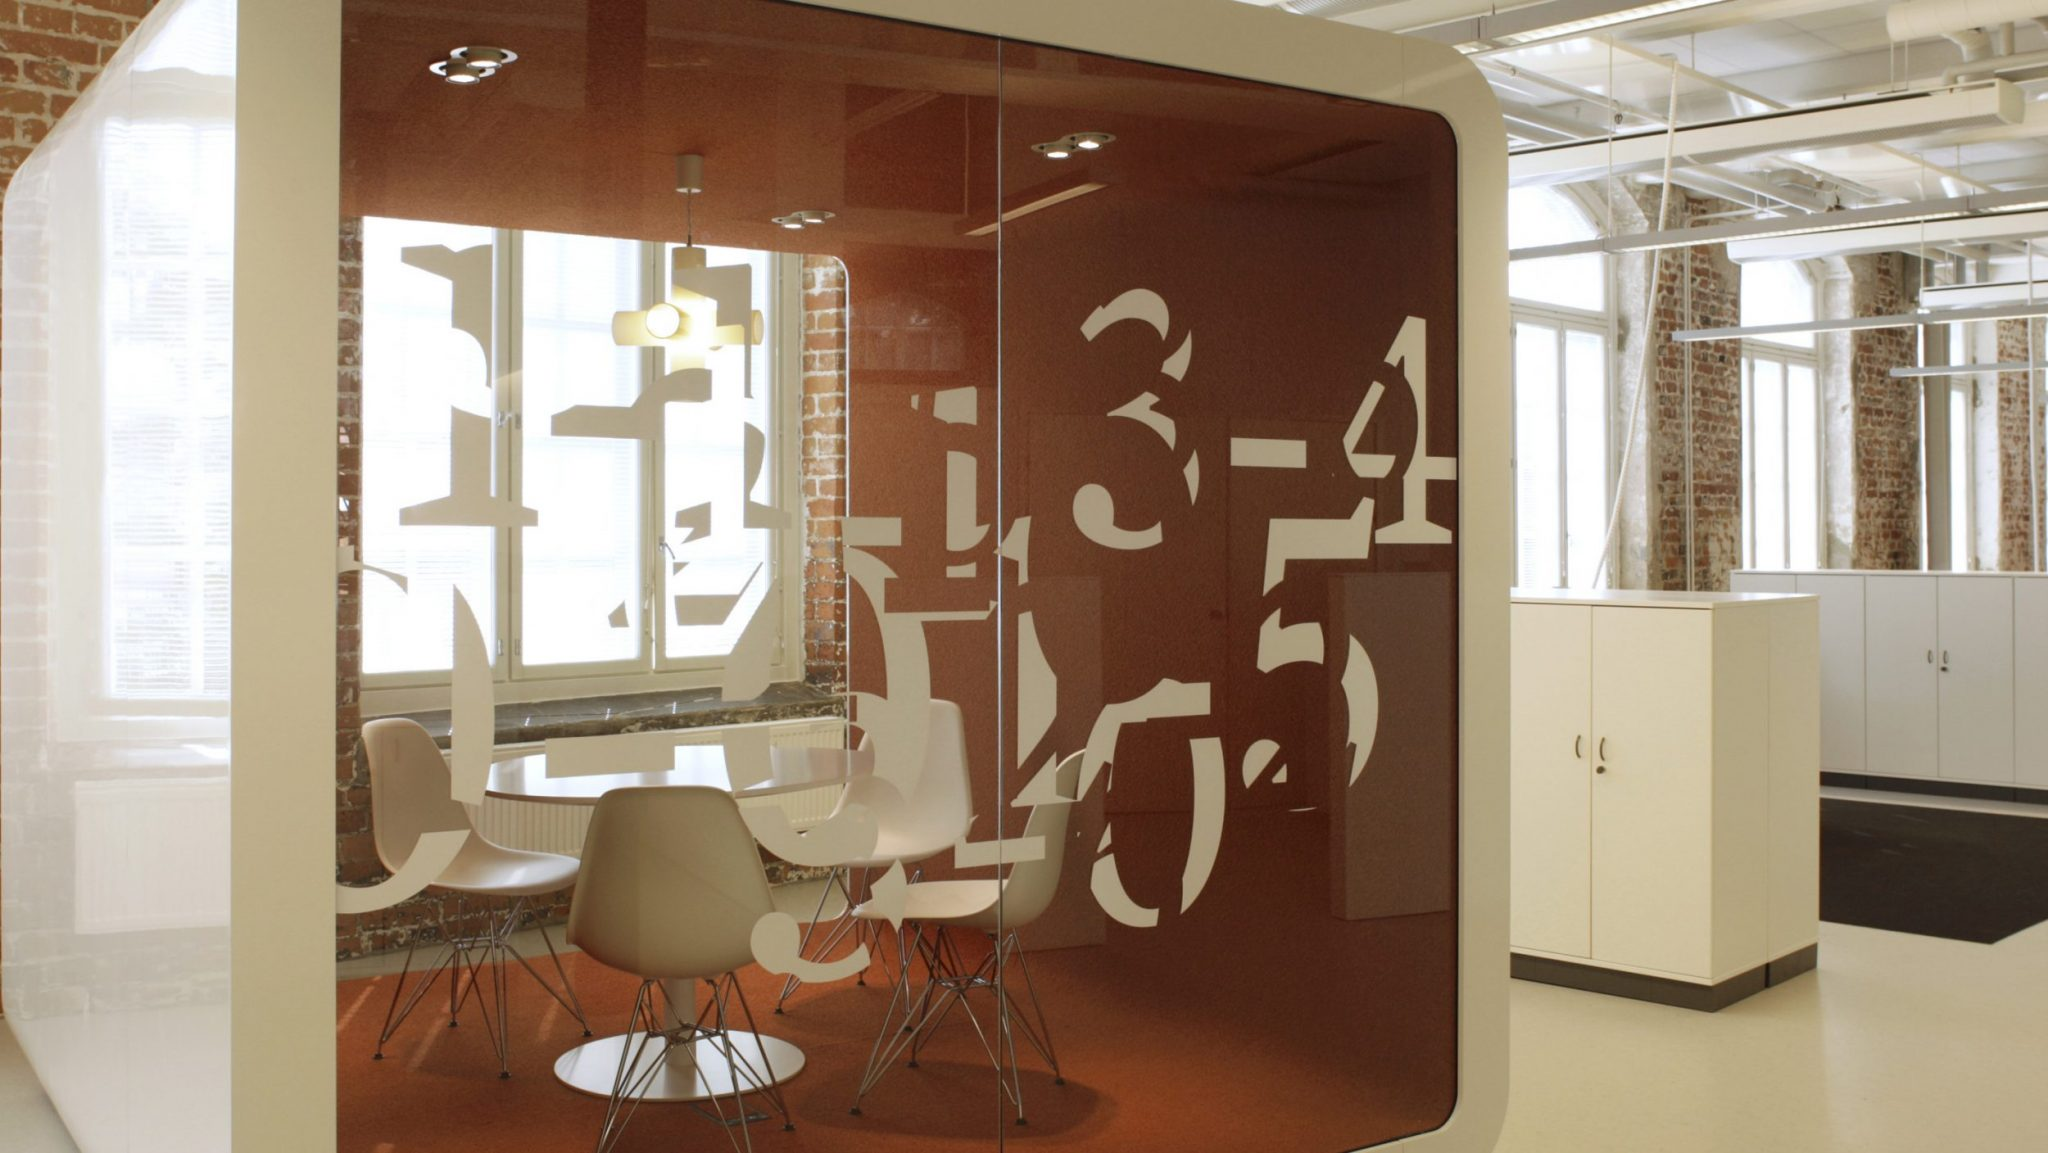 Satakunnan-Kansa-Newspaper-Pori-GI-Project-8